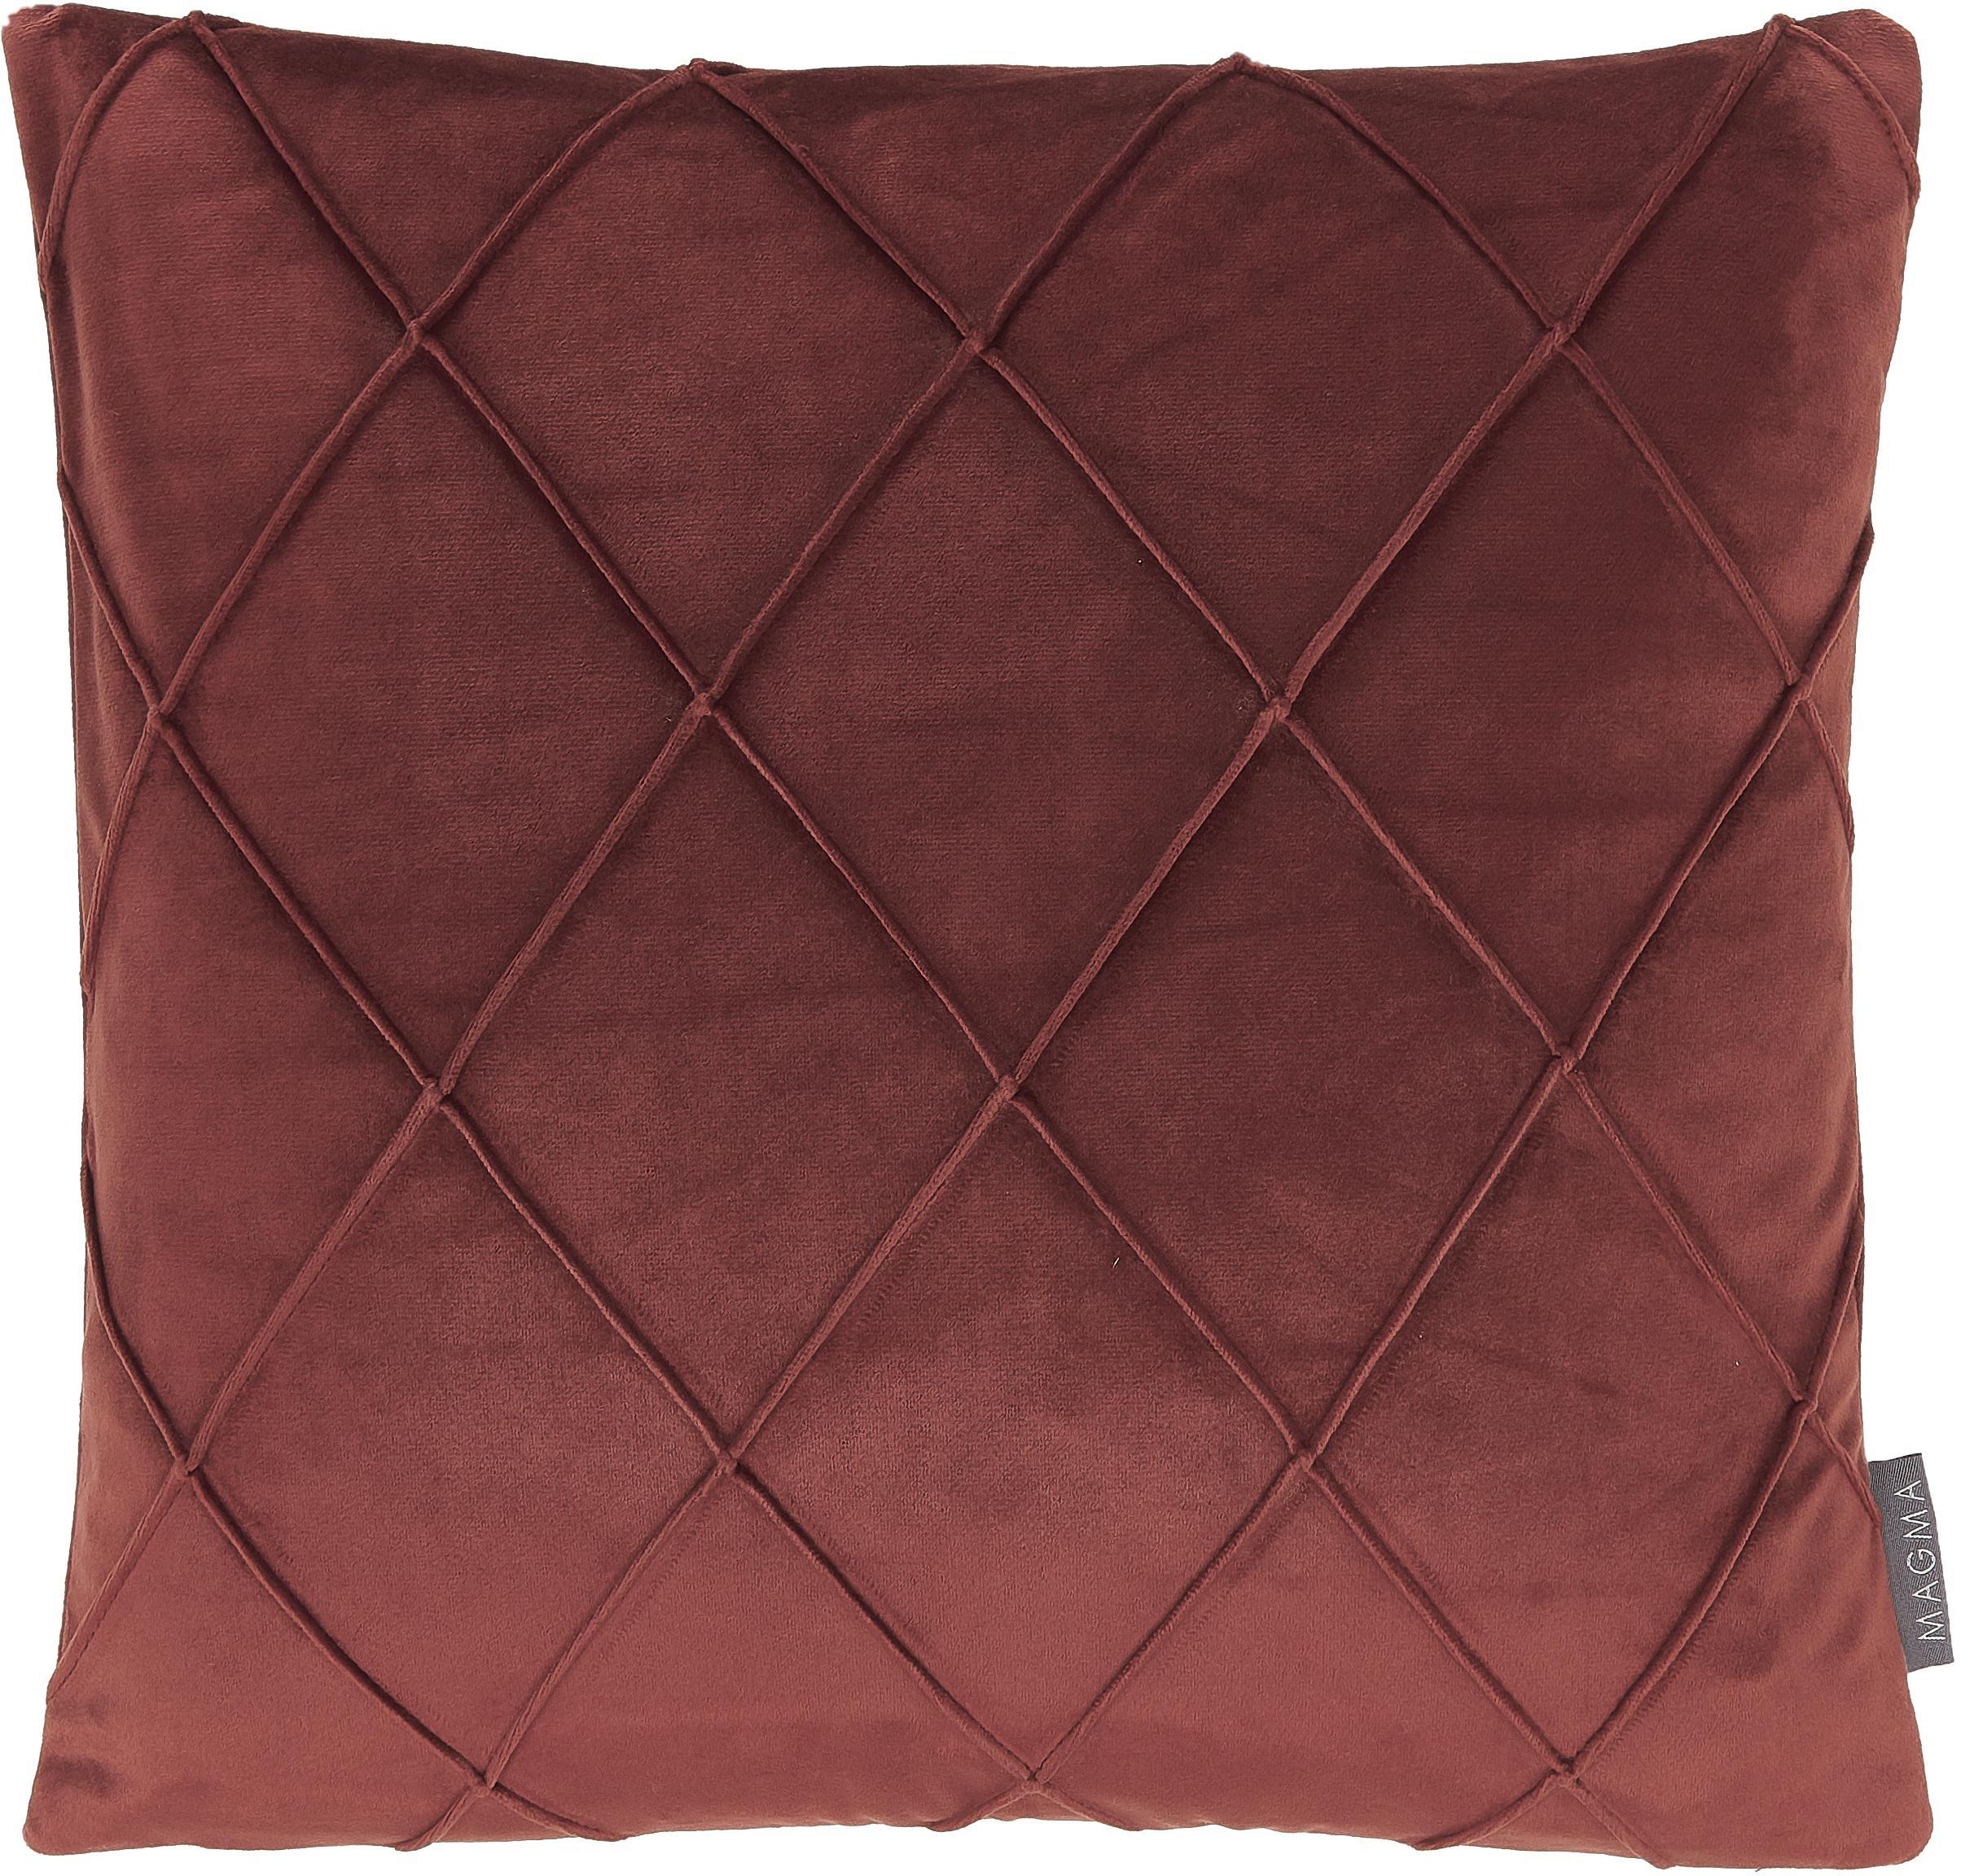 Funda de cojín de terciopelo Nobless, Terciopelo de poliéster, Rojo terracota, An 40 x L 40 cm